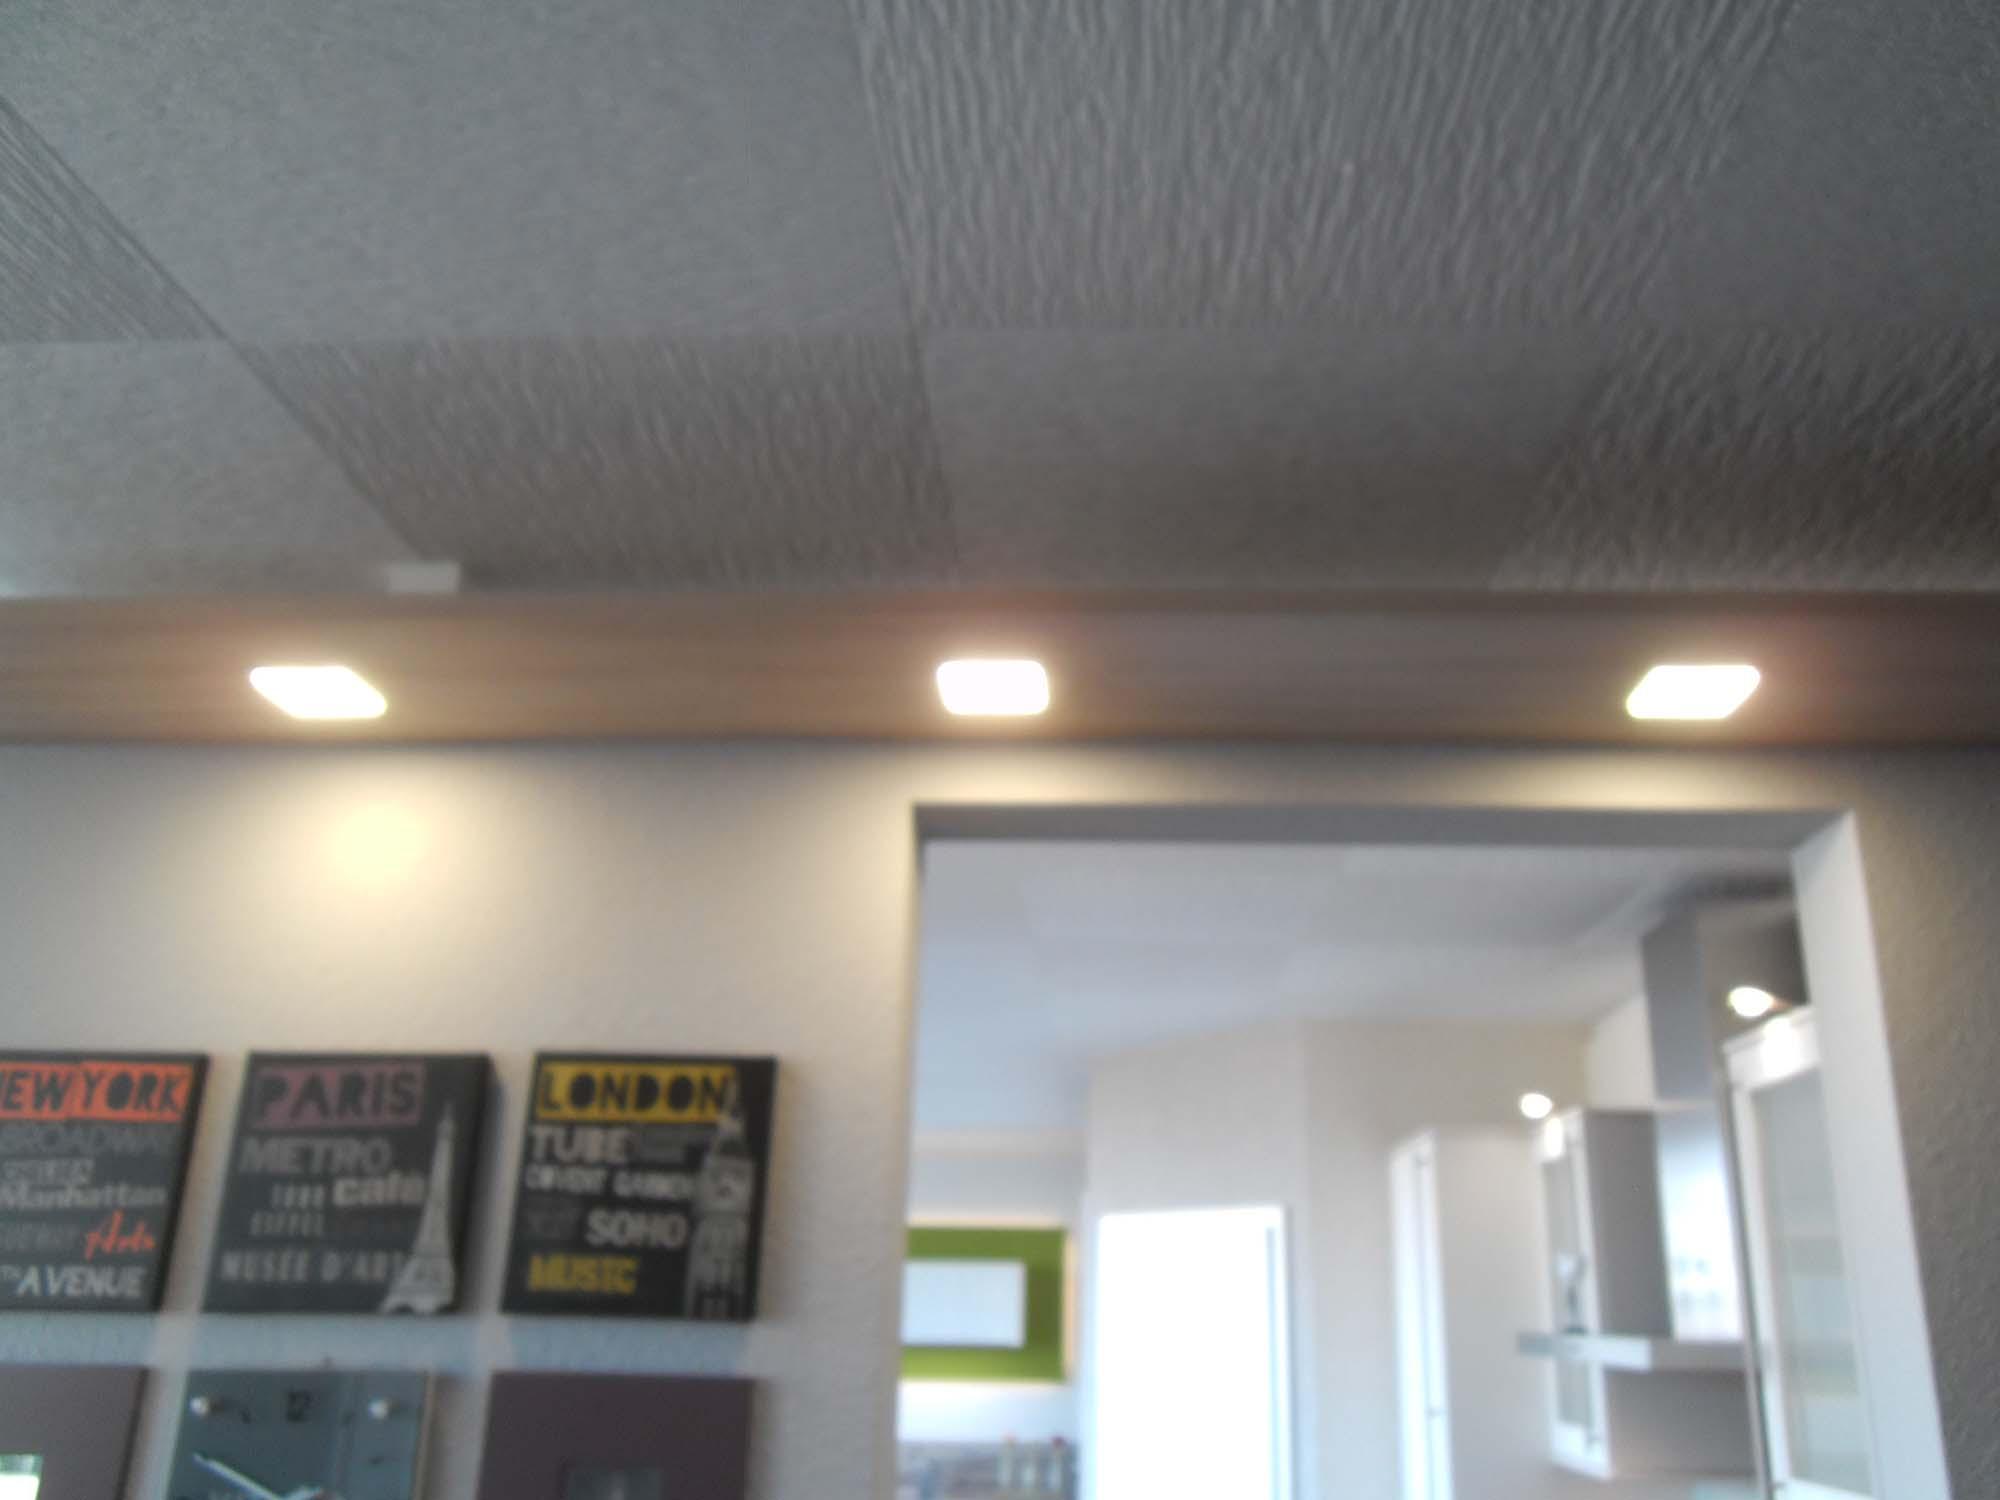 Baldachinboden mit LED-Beleuchtung